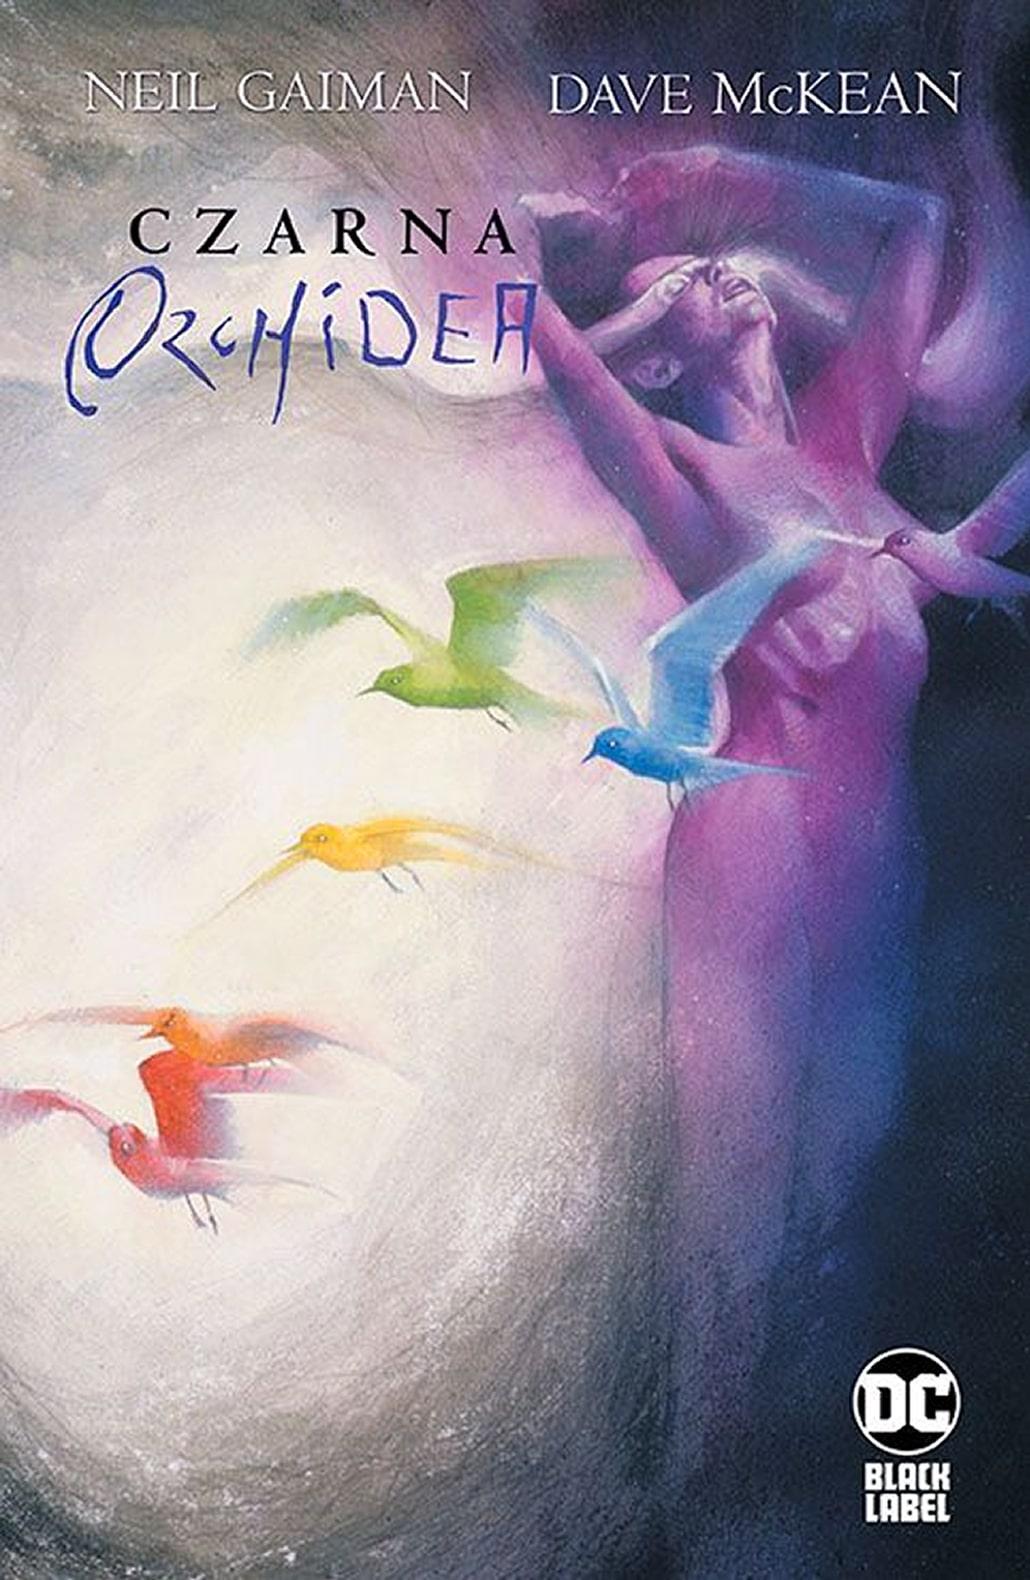 Okładka komiksu Czarna Orchidea